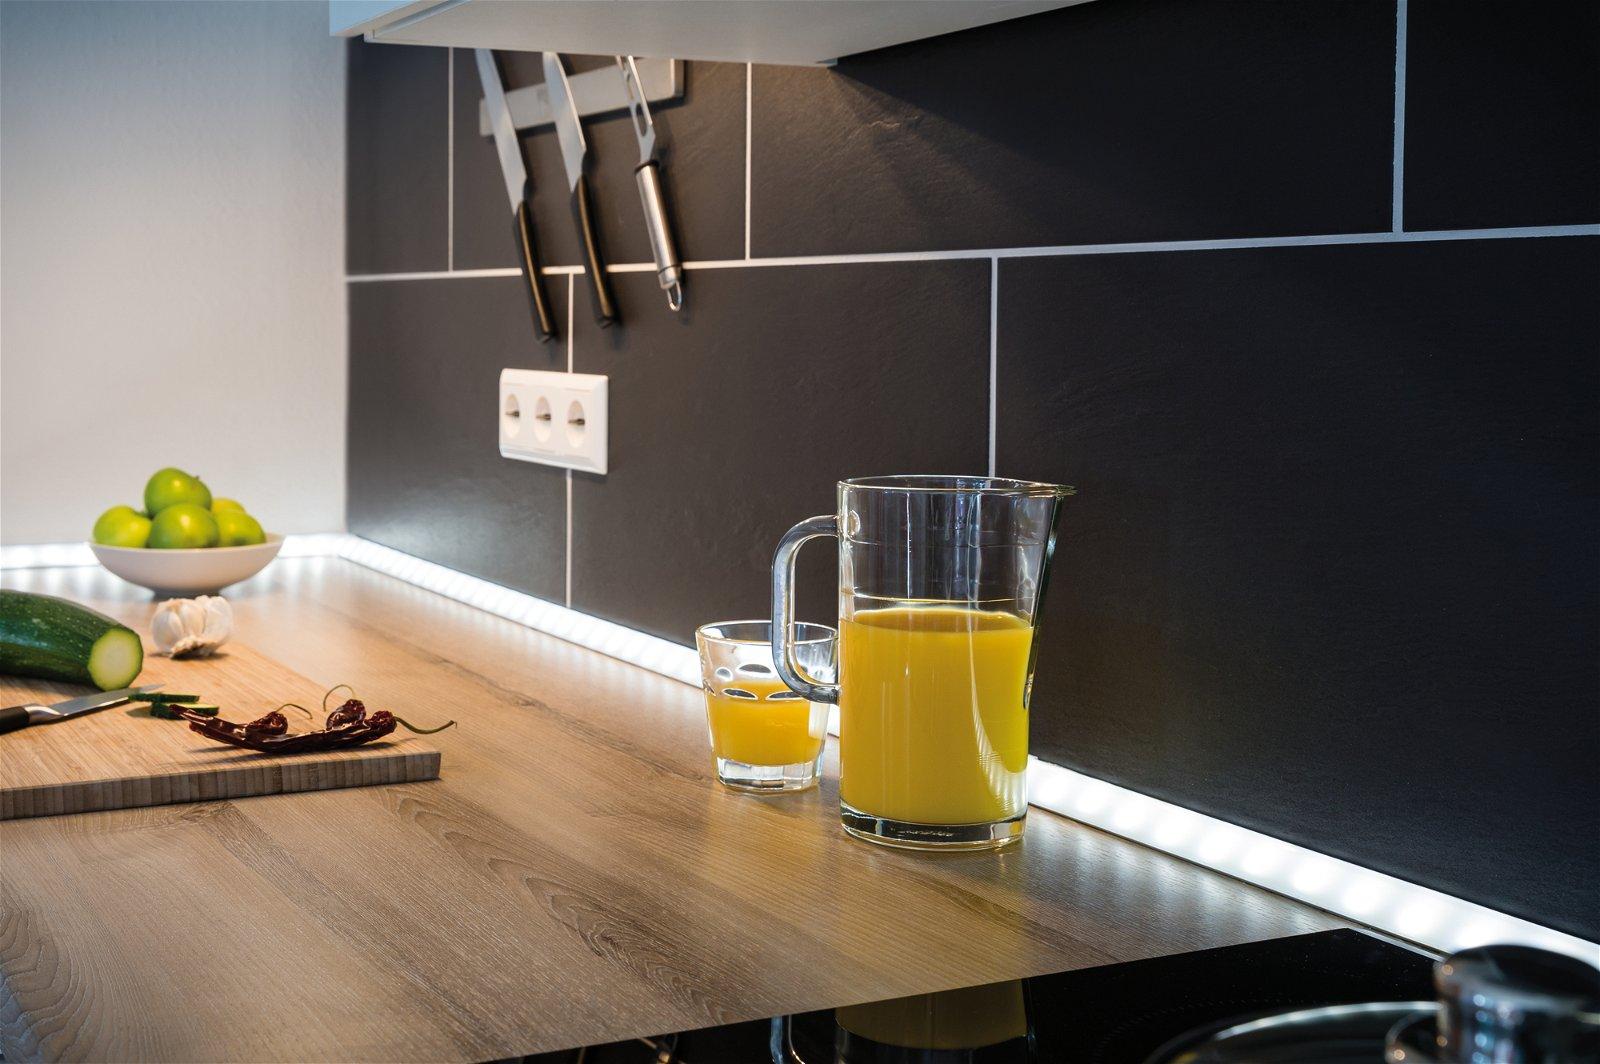 YourLED ECO LED Strip Neutralweiß 3m 6,8W 180lm/m 4000K